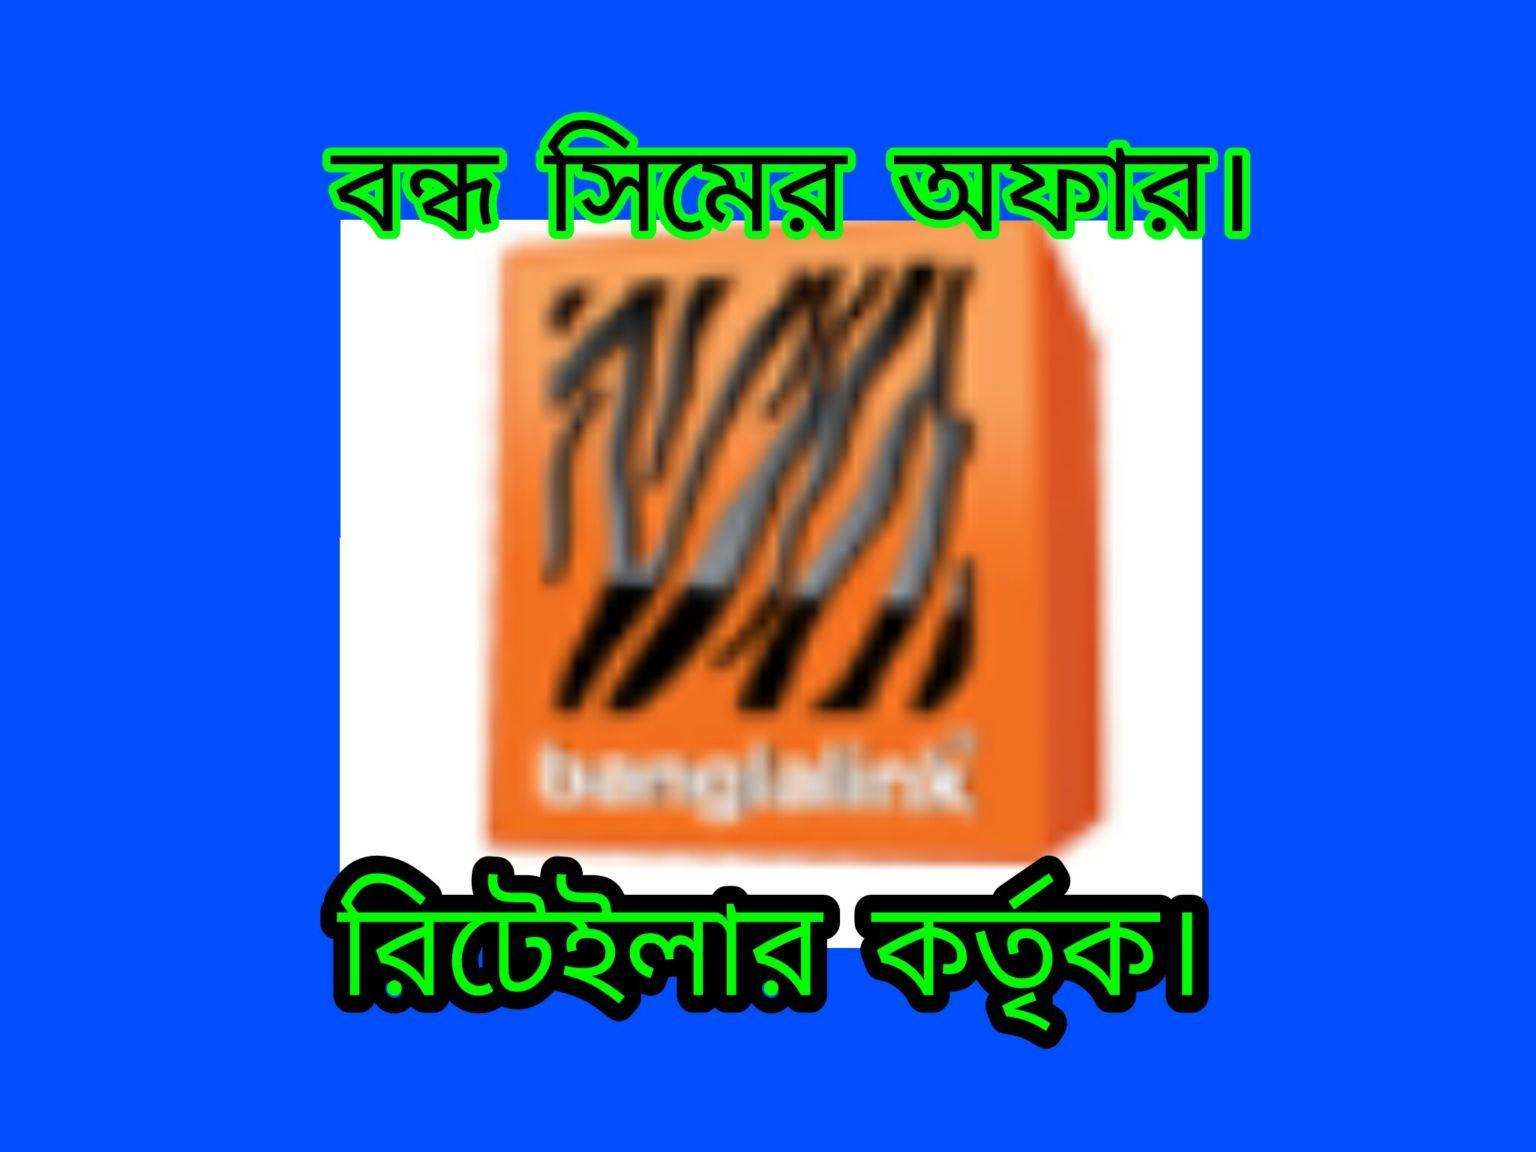 banglalink সিম এ 23 Taka  recharge এ দূর্দান্ত অফার! ১২ জিবি ফ্রি ইন্টারনেট।[সকল বন্ধ সিমে] [রিটেইলার কর্তৃক]